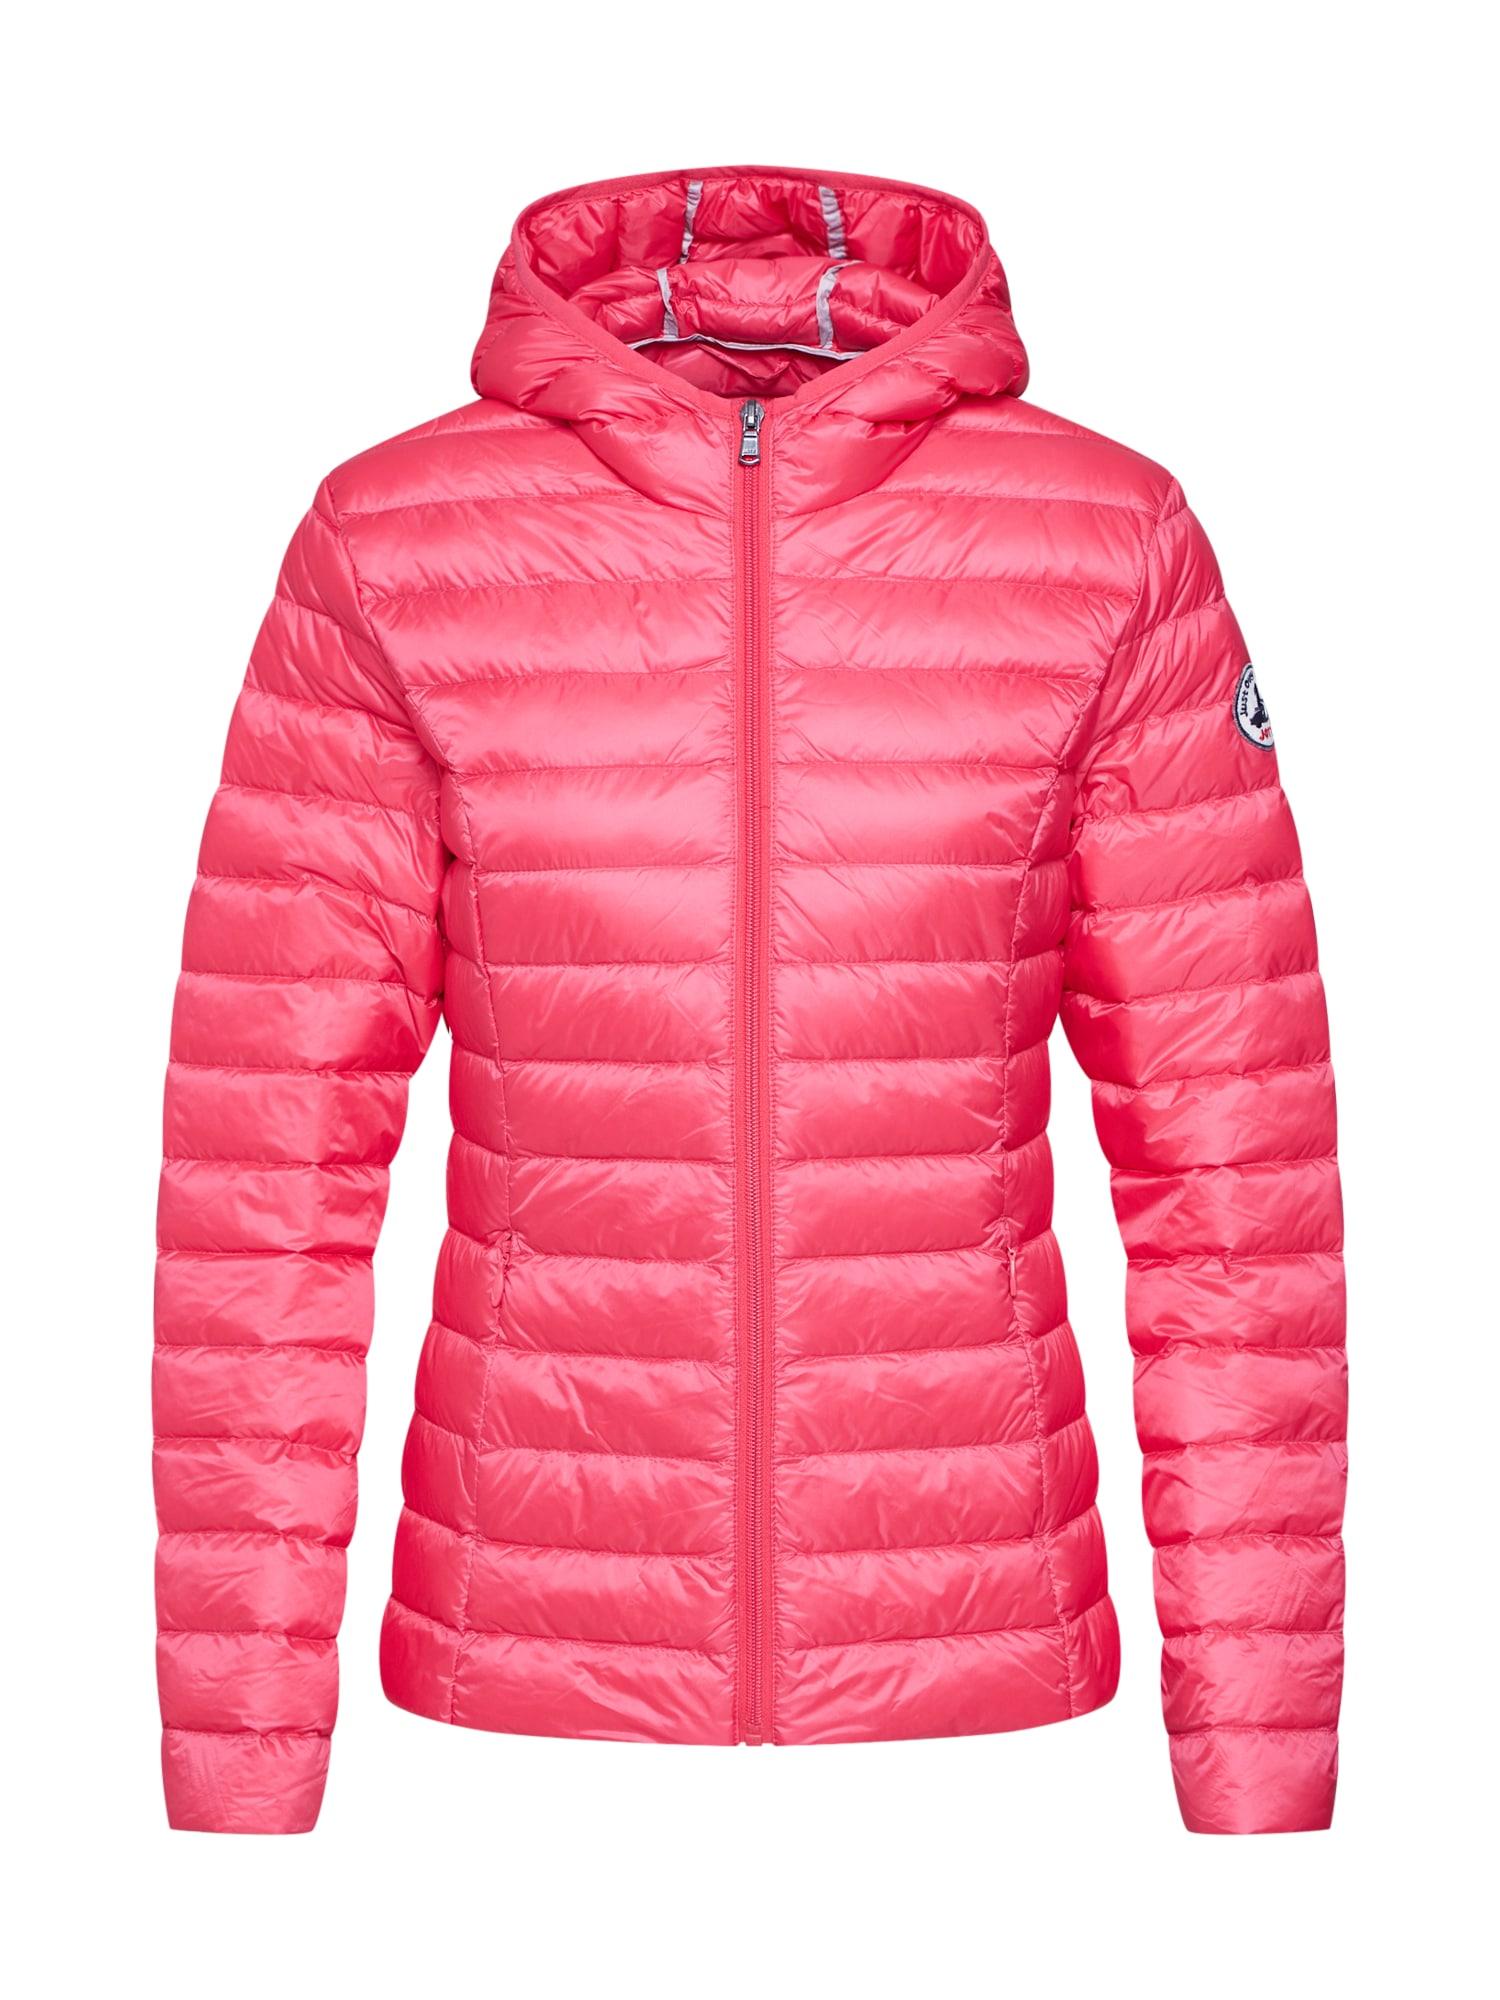 JOTT Žieminė striukė 'CLOE' fuchsijų spalva